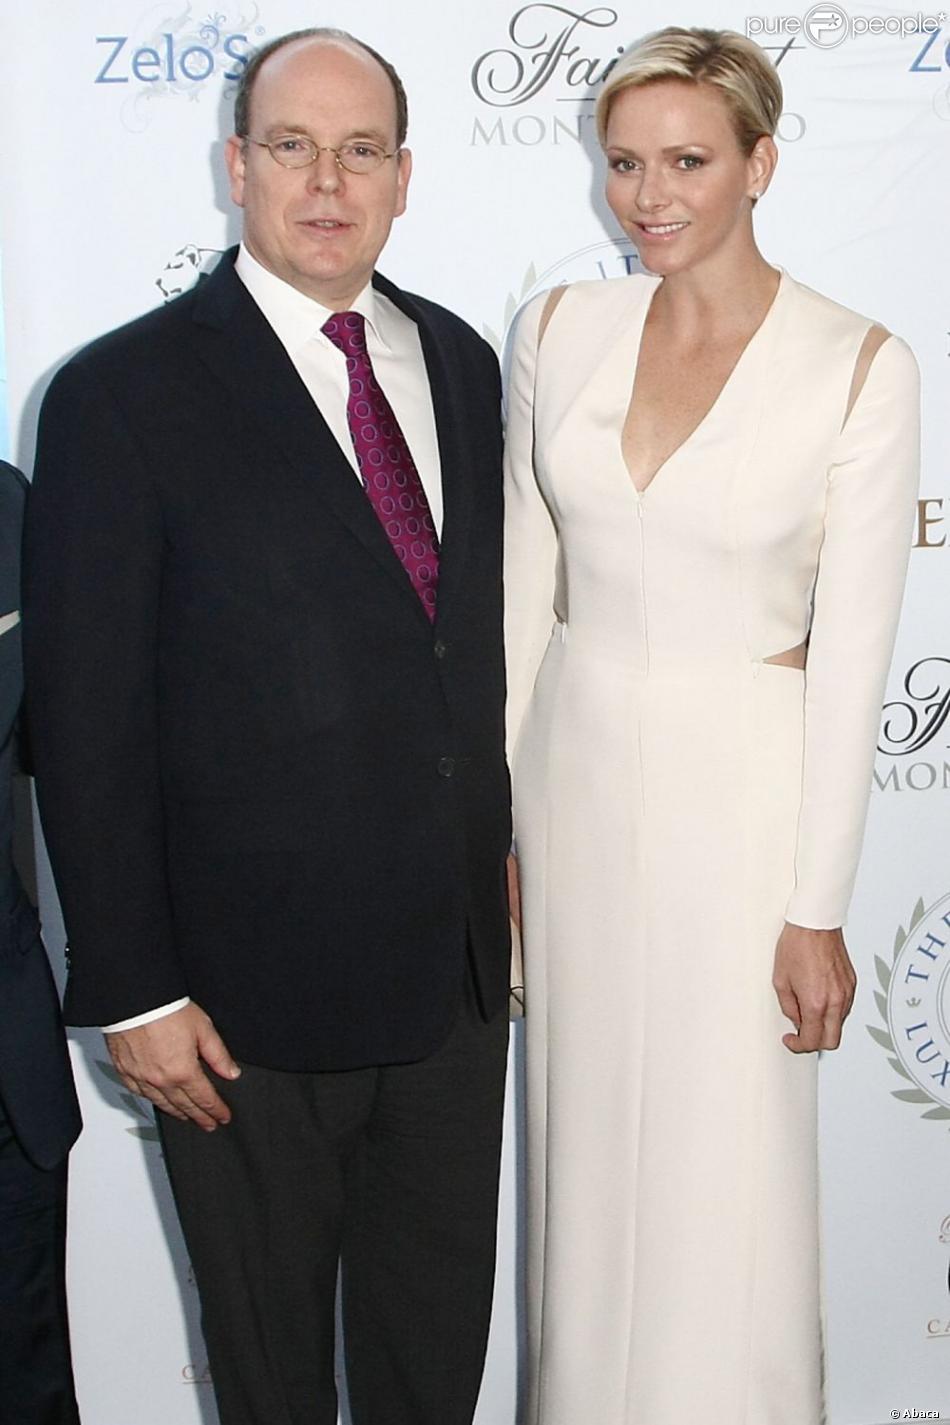 La princesse Charlene et le prince Albert de Monaco à la soirée d'inauguration du club privé Italian Luxury Club au Zelos, au Forum Grimaldi, le 10 mai 2013.